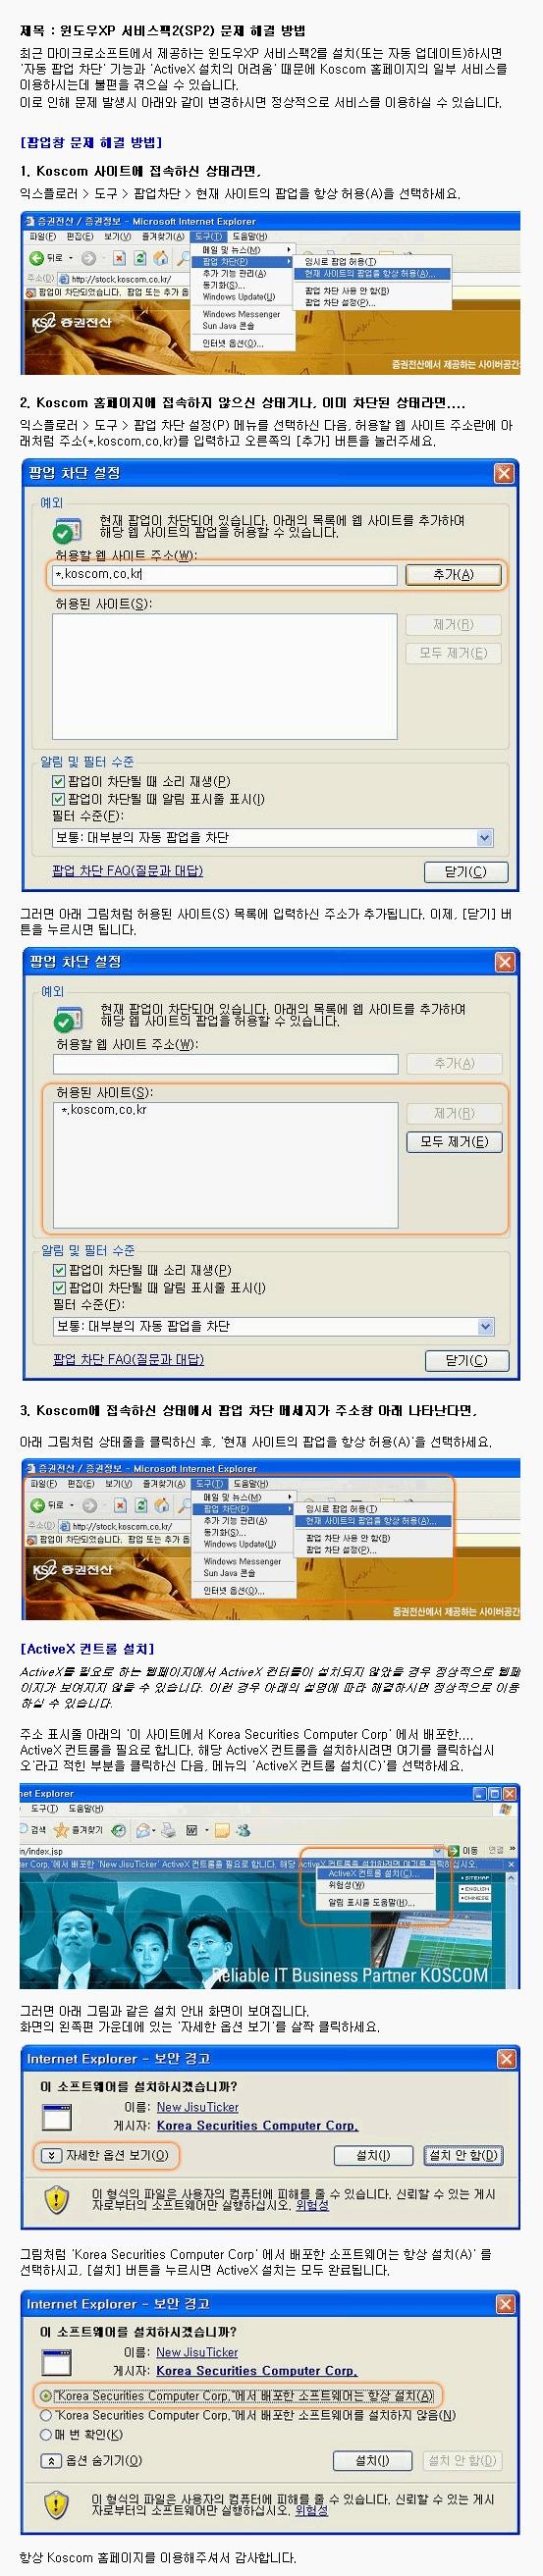 윈도우XP 서비스팩2(SP2) 문제 해결 방법